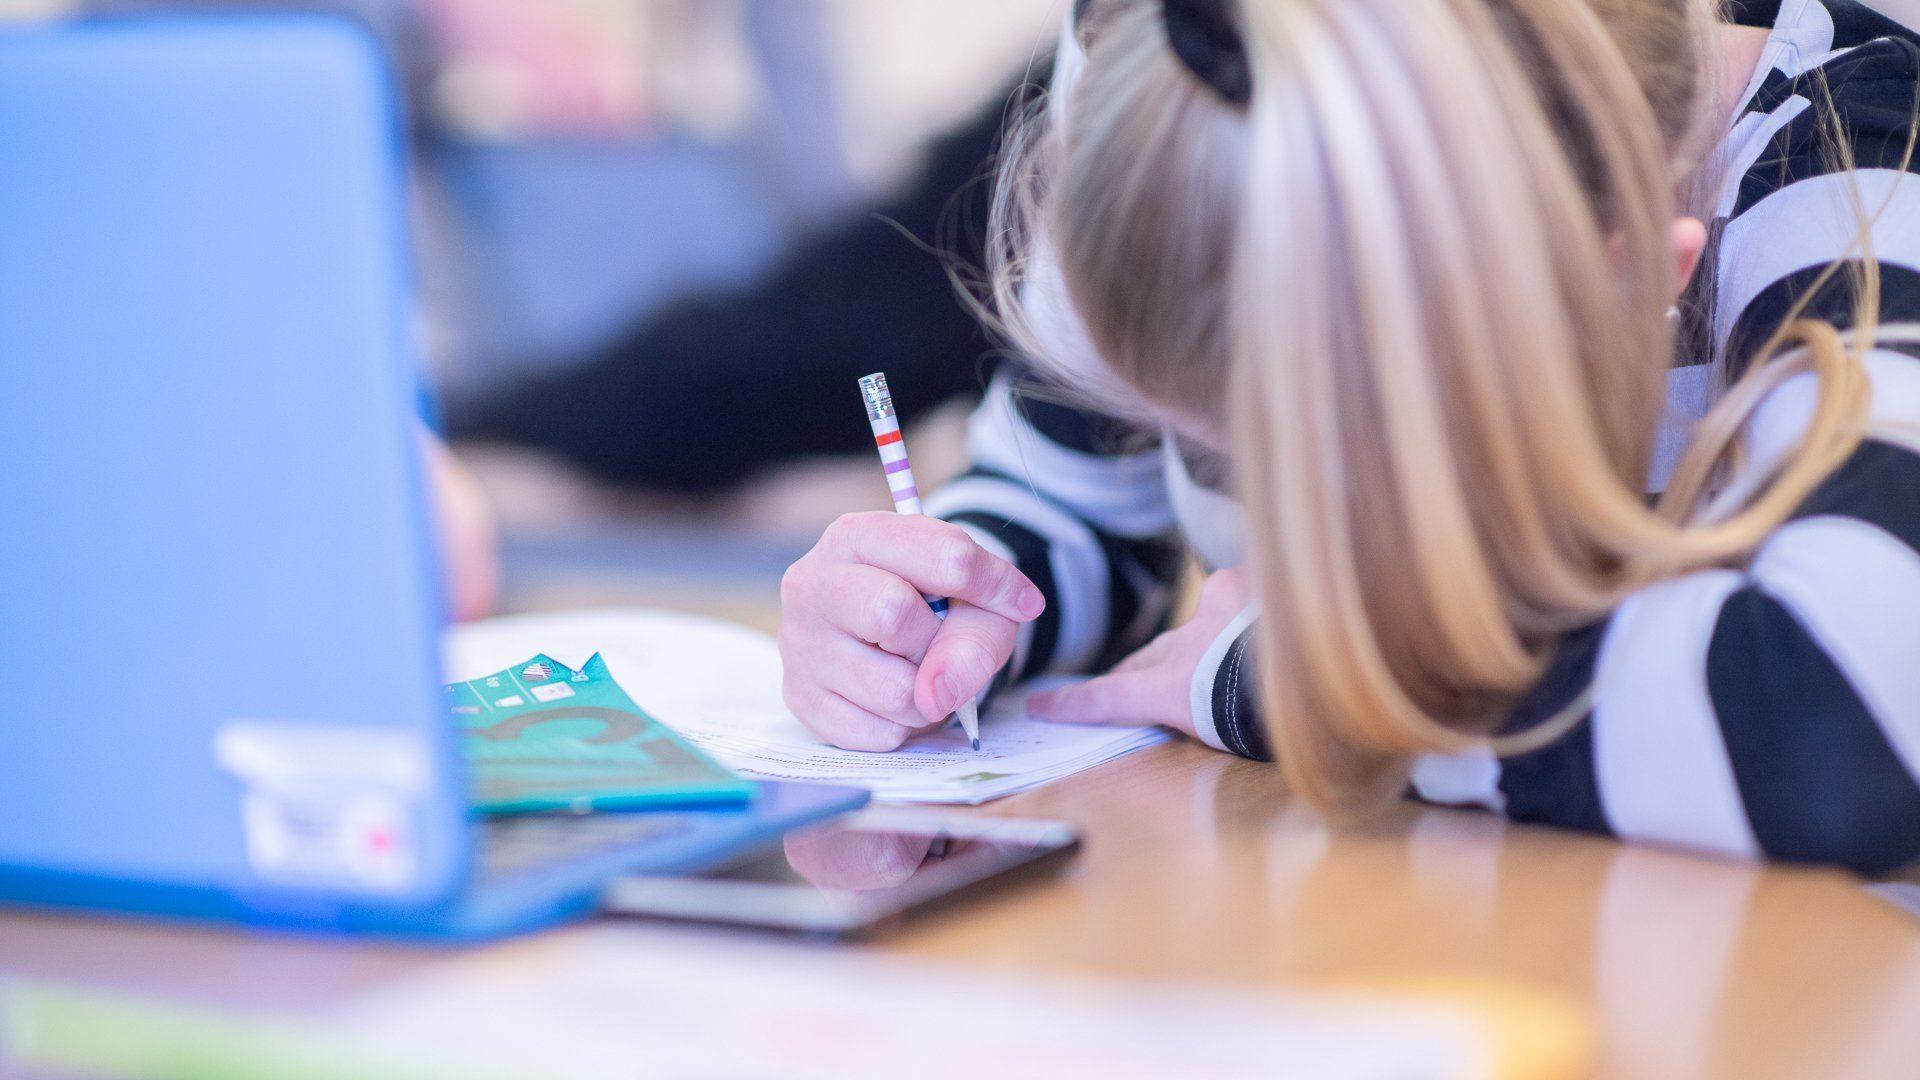 En flicka skriver i ett anteckningsblock framför en laptop